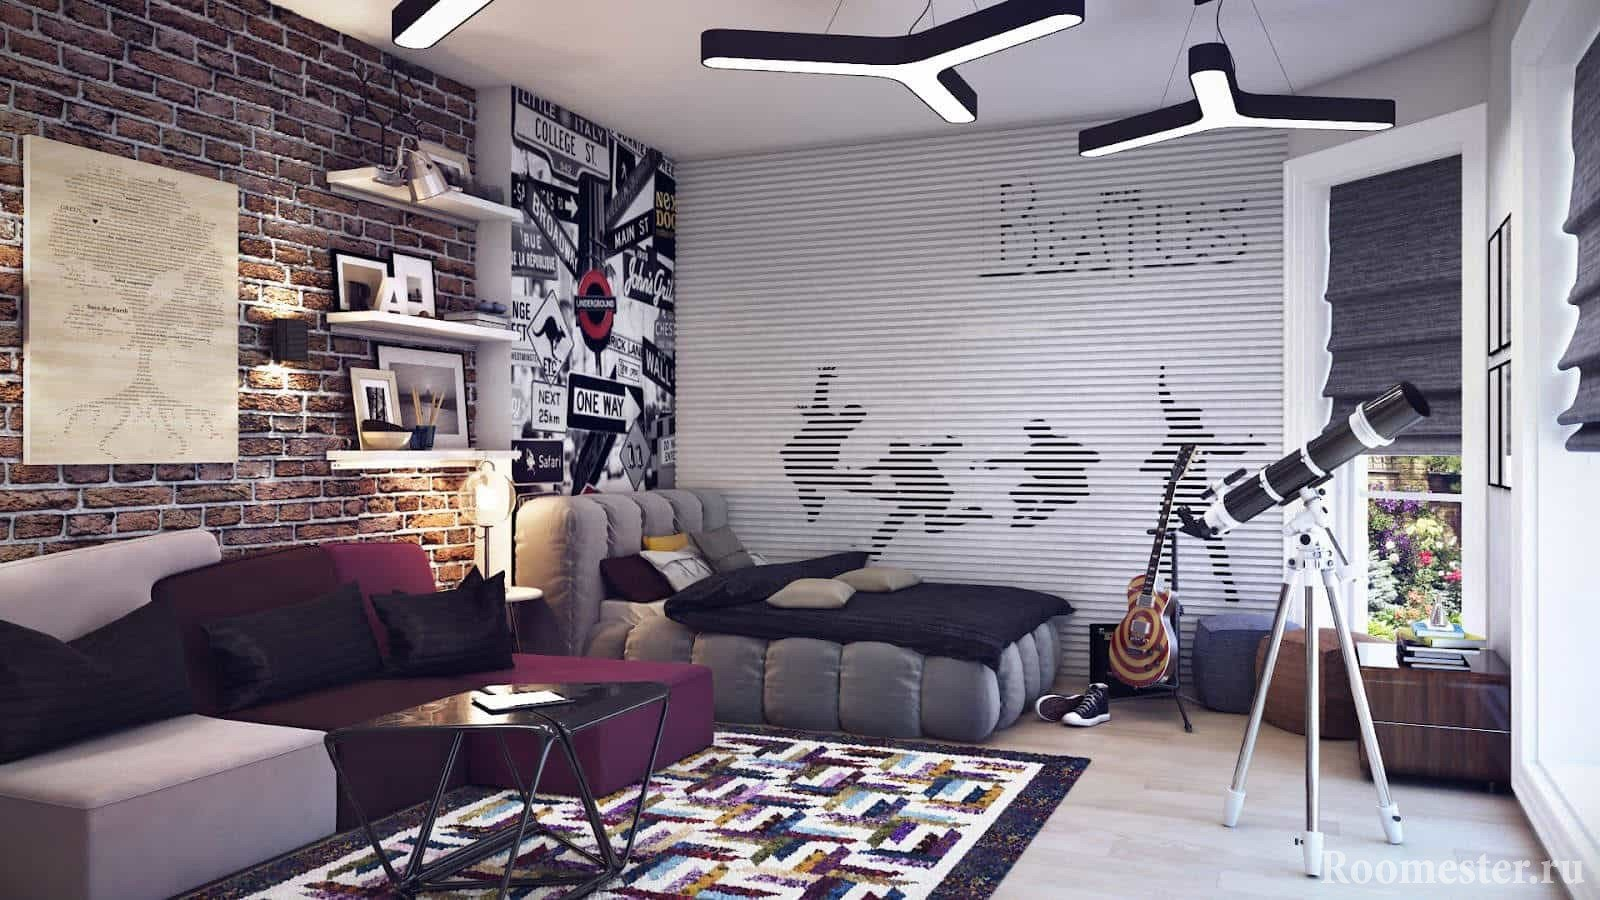 Создаём мужской интерьер в спальне (54 фото): стиль, цвет, декор